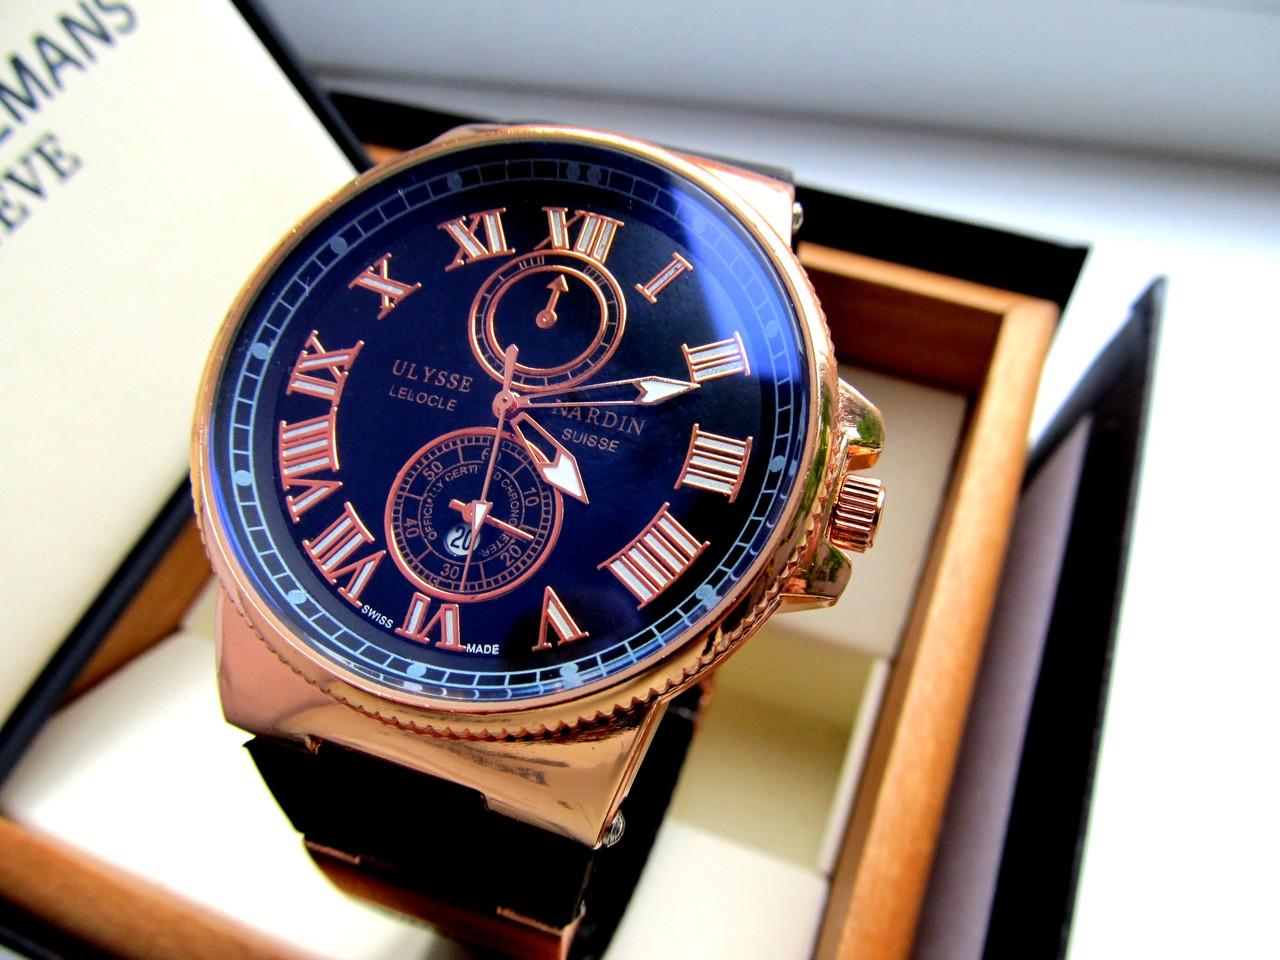 Не дорогие наручные мужские часы часы наручные копии zenith